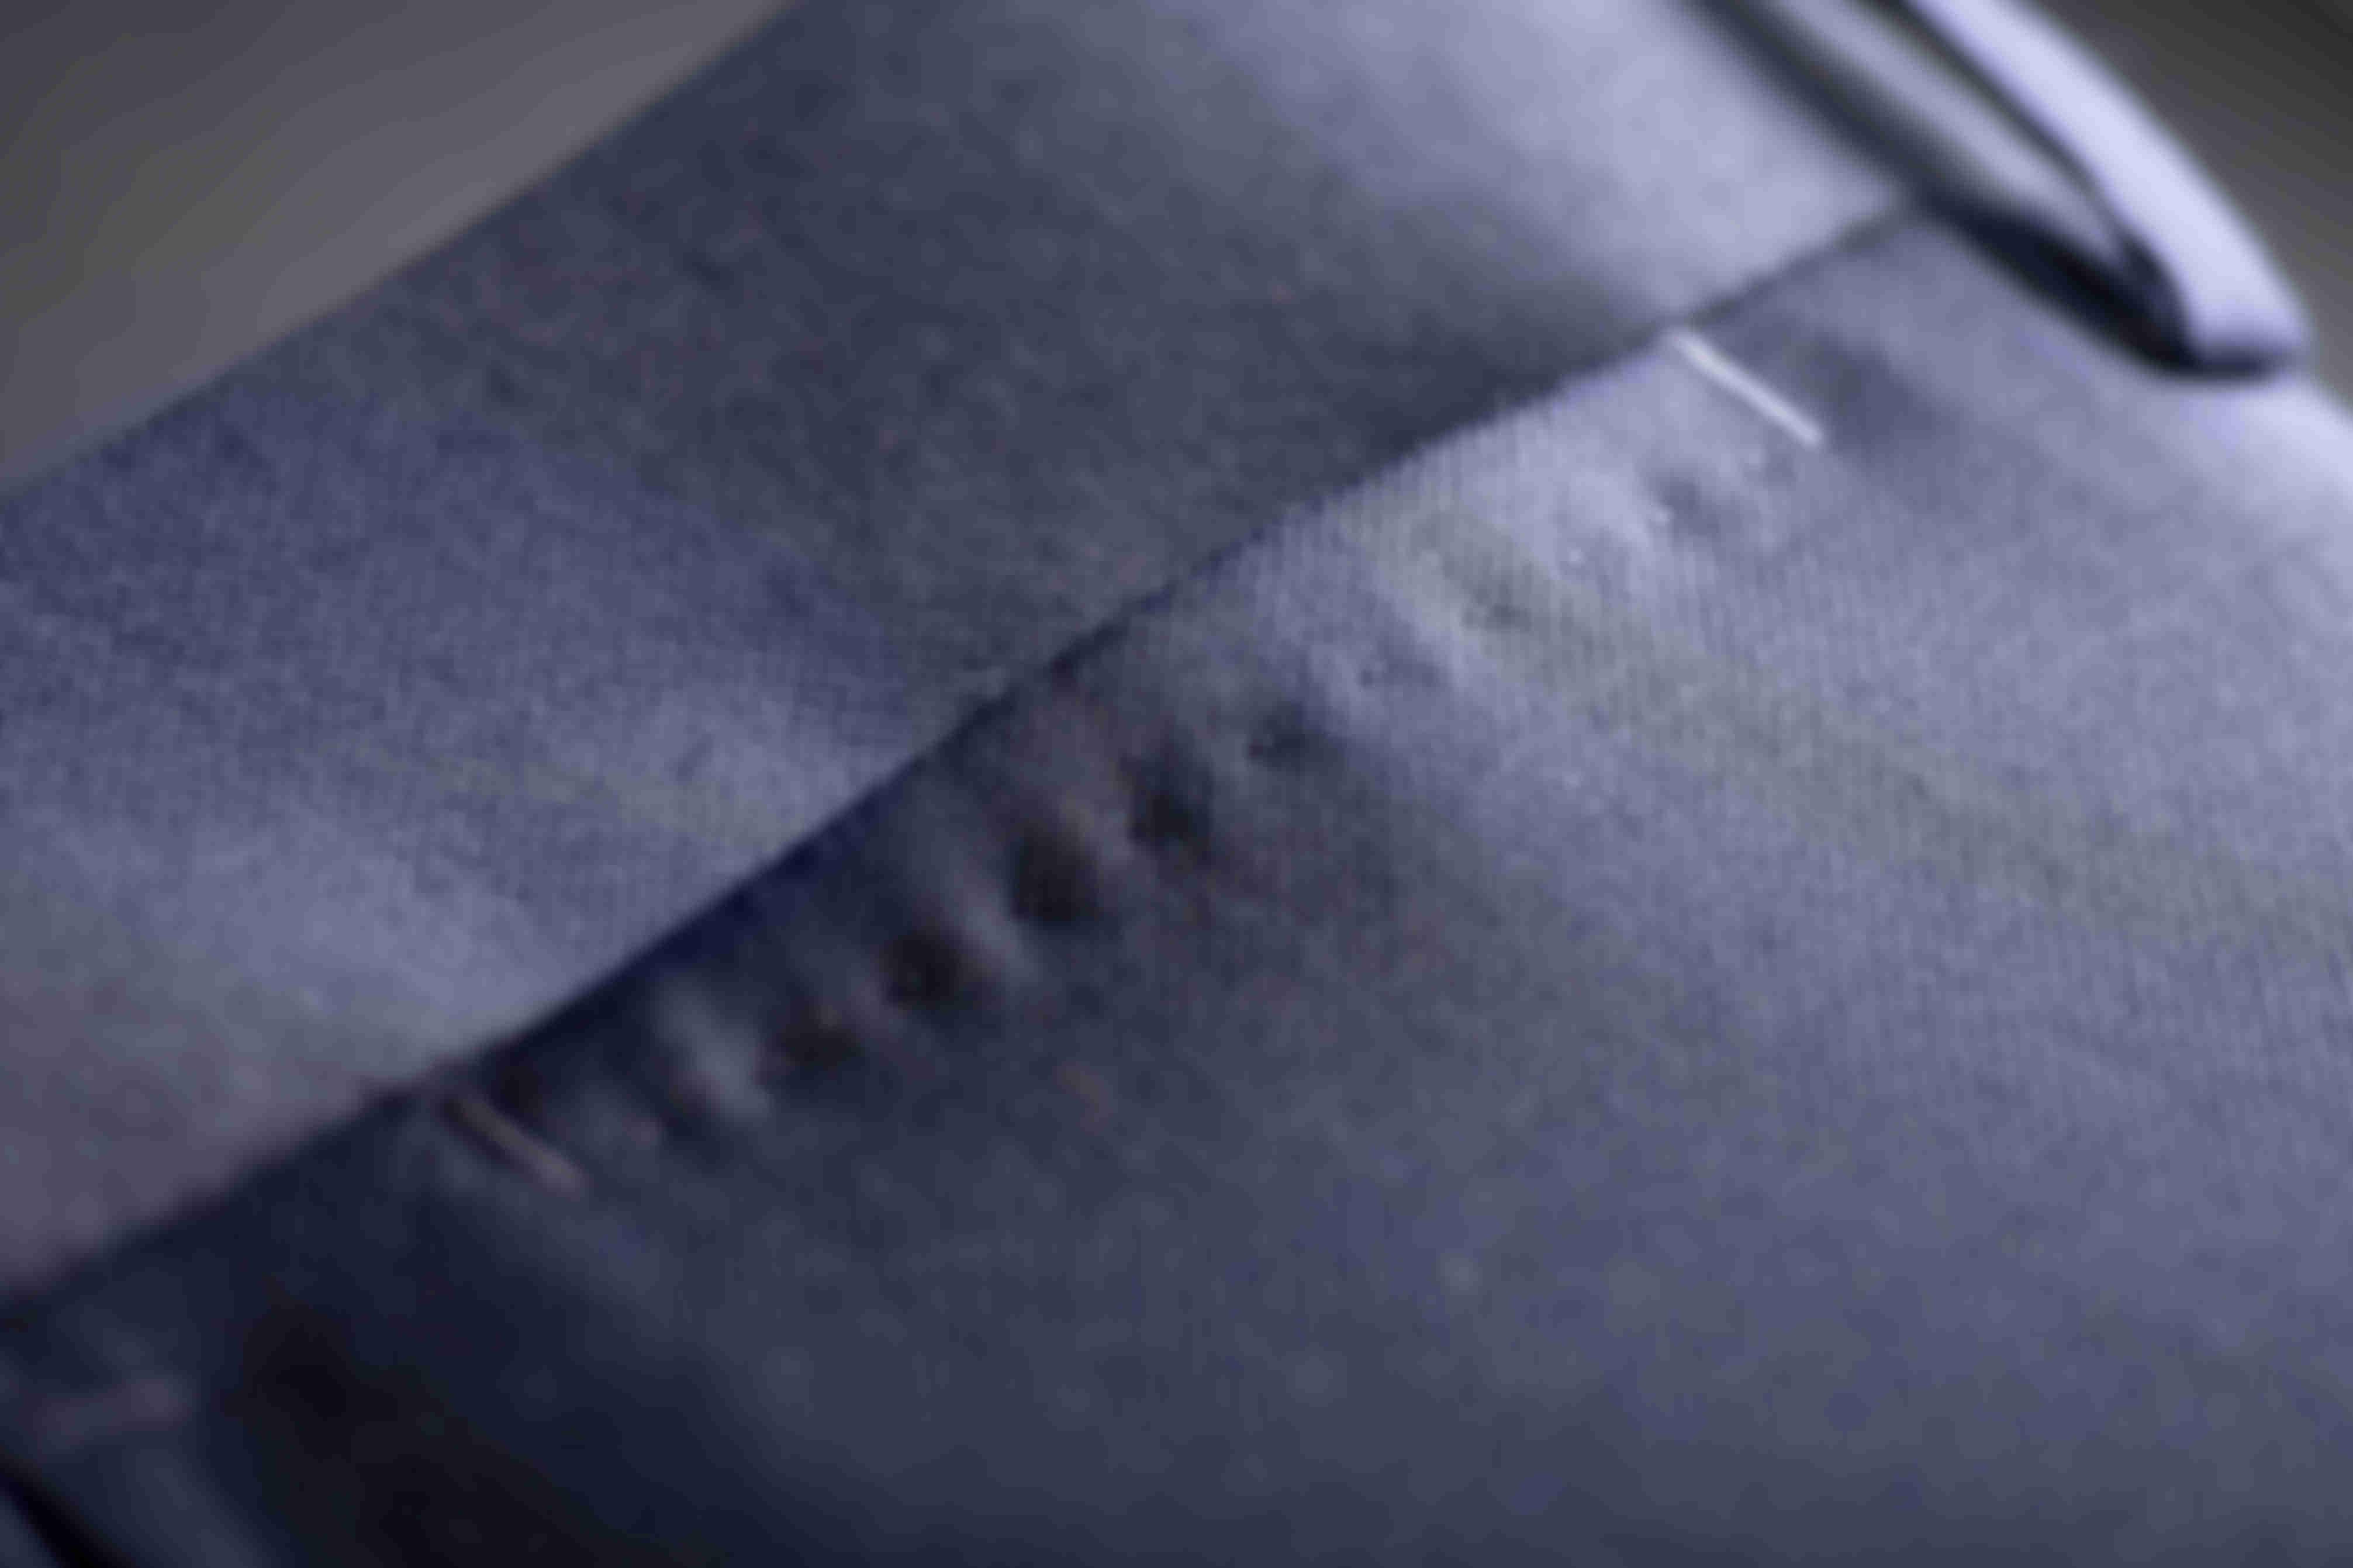 Détail sur la Poche Ticket avec AMF des pantalons Atelier Mesure